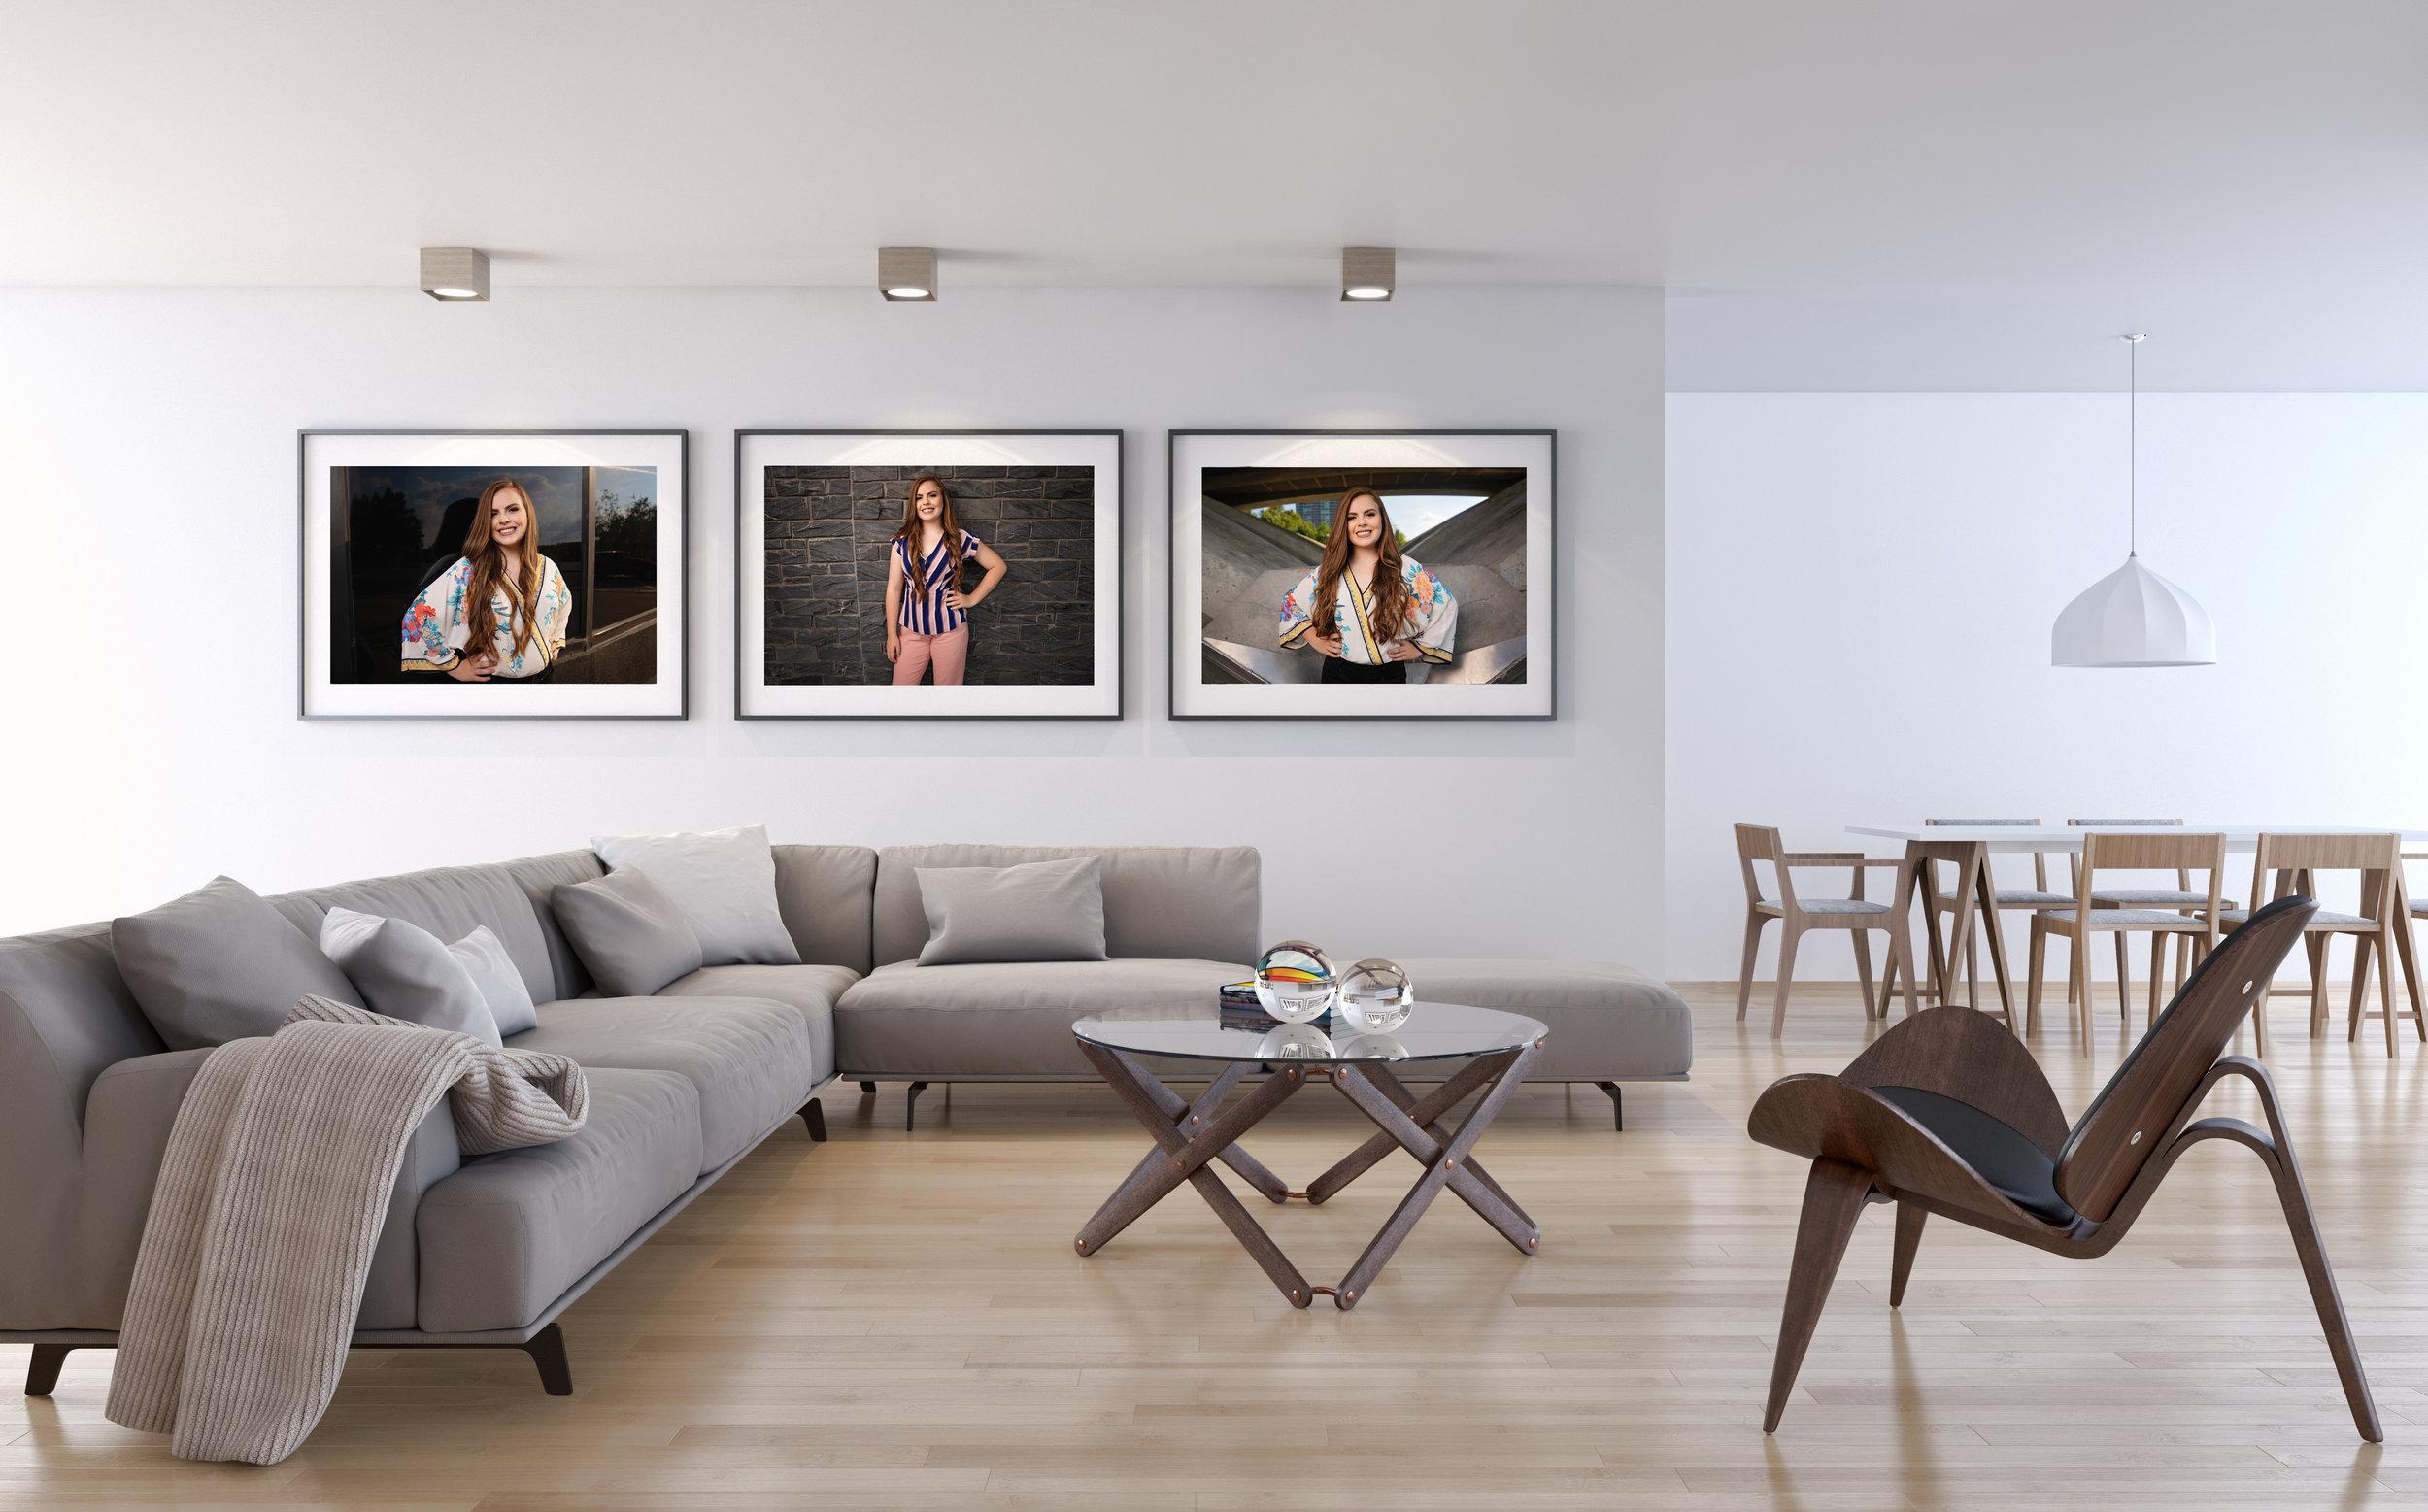 framed senior prictures on living room wall.jpg